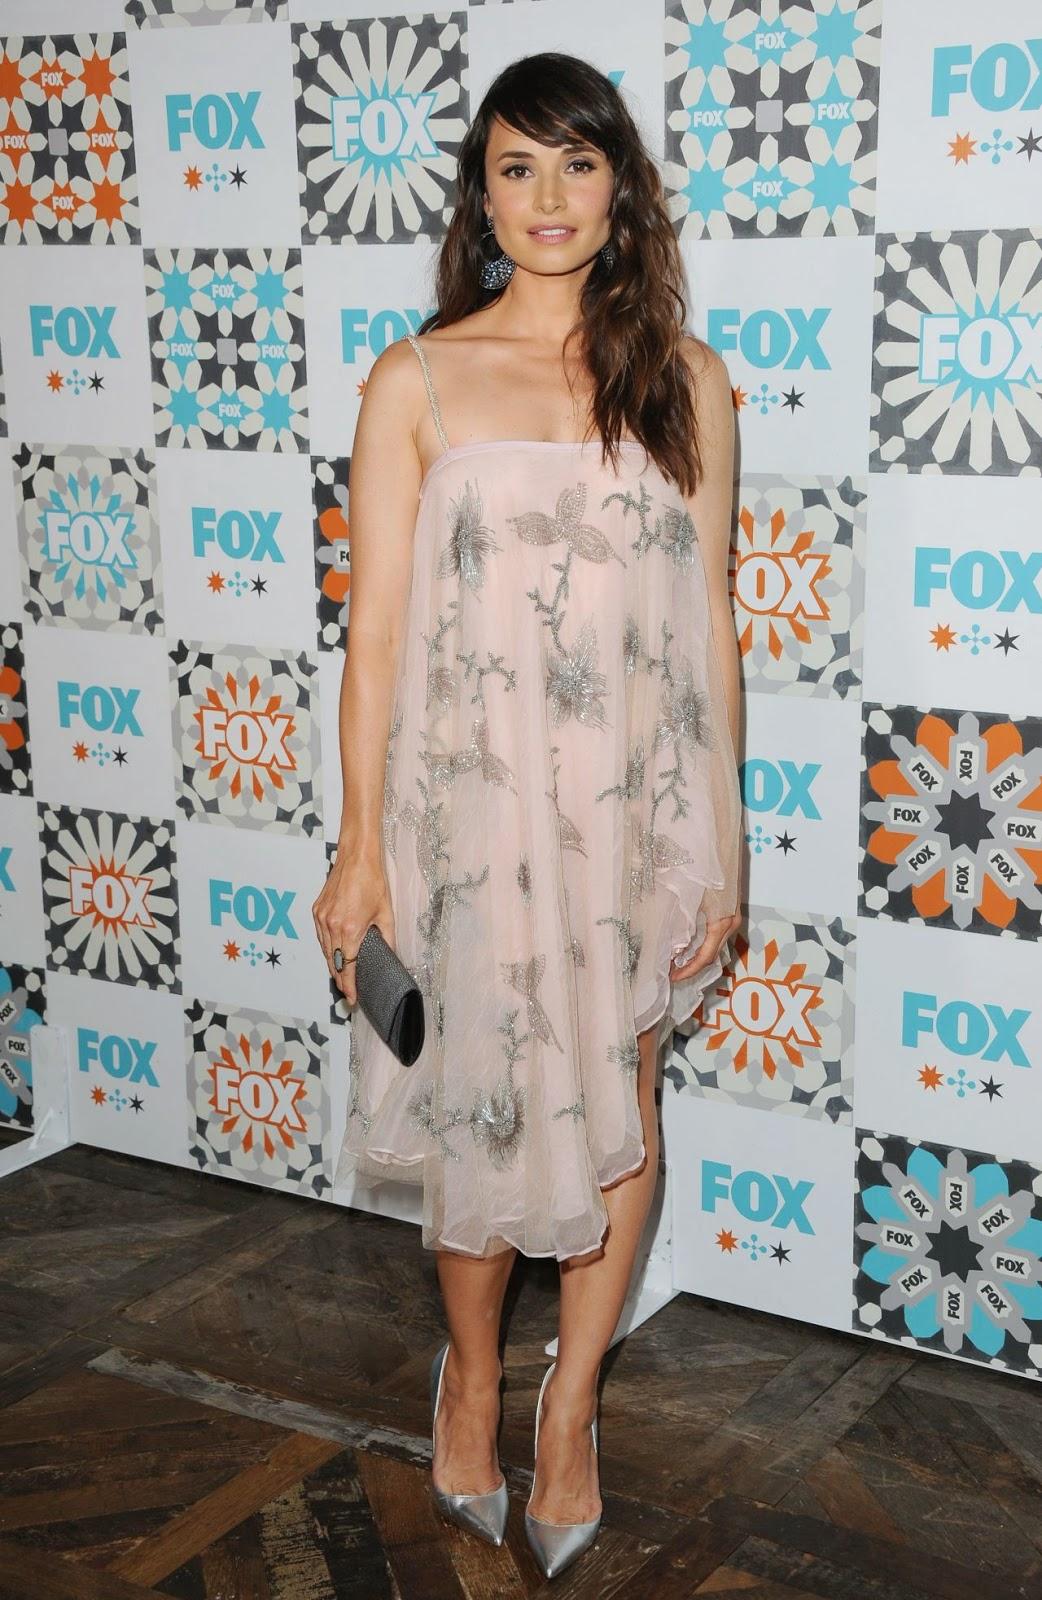 Mia Maestro is beautiful in Emporio Armani at the 2014 Fox Summer TCA ALL Star Party